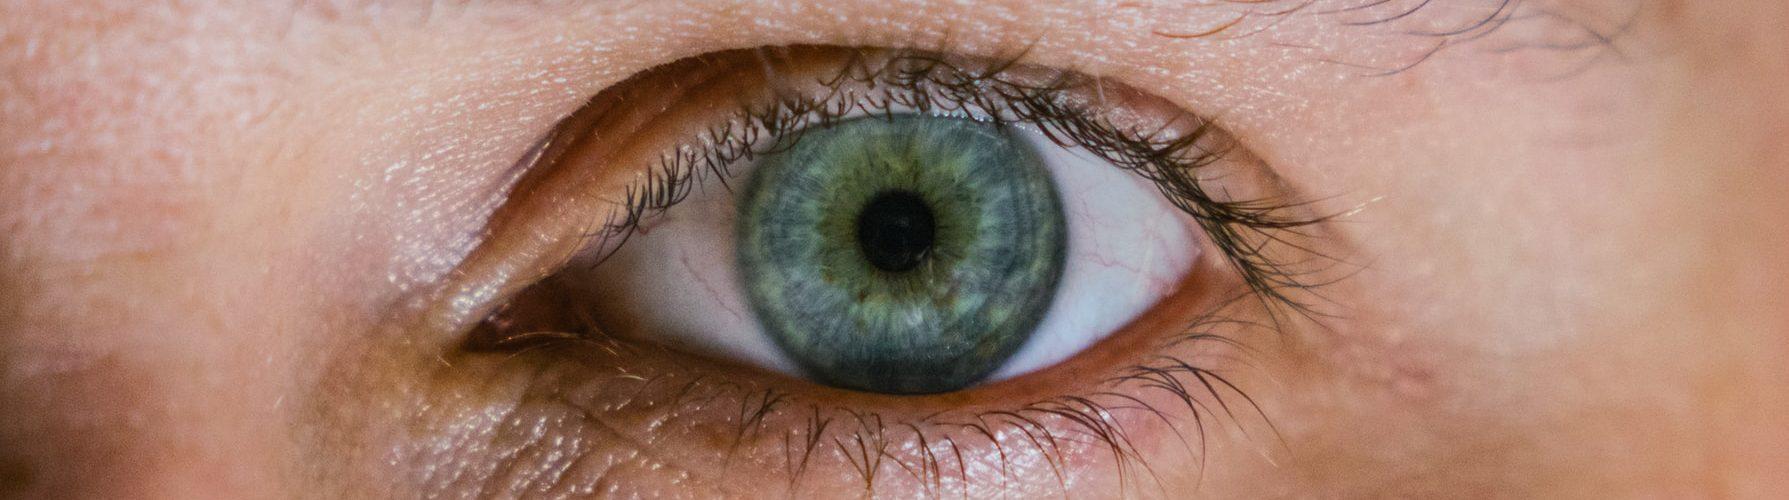 groen-oog